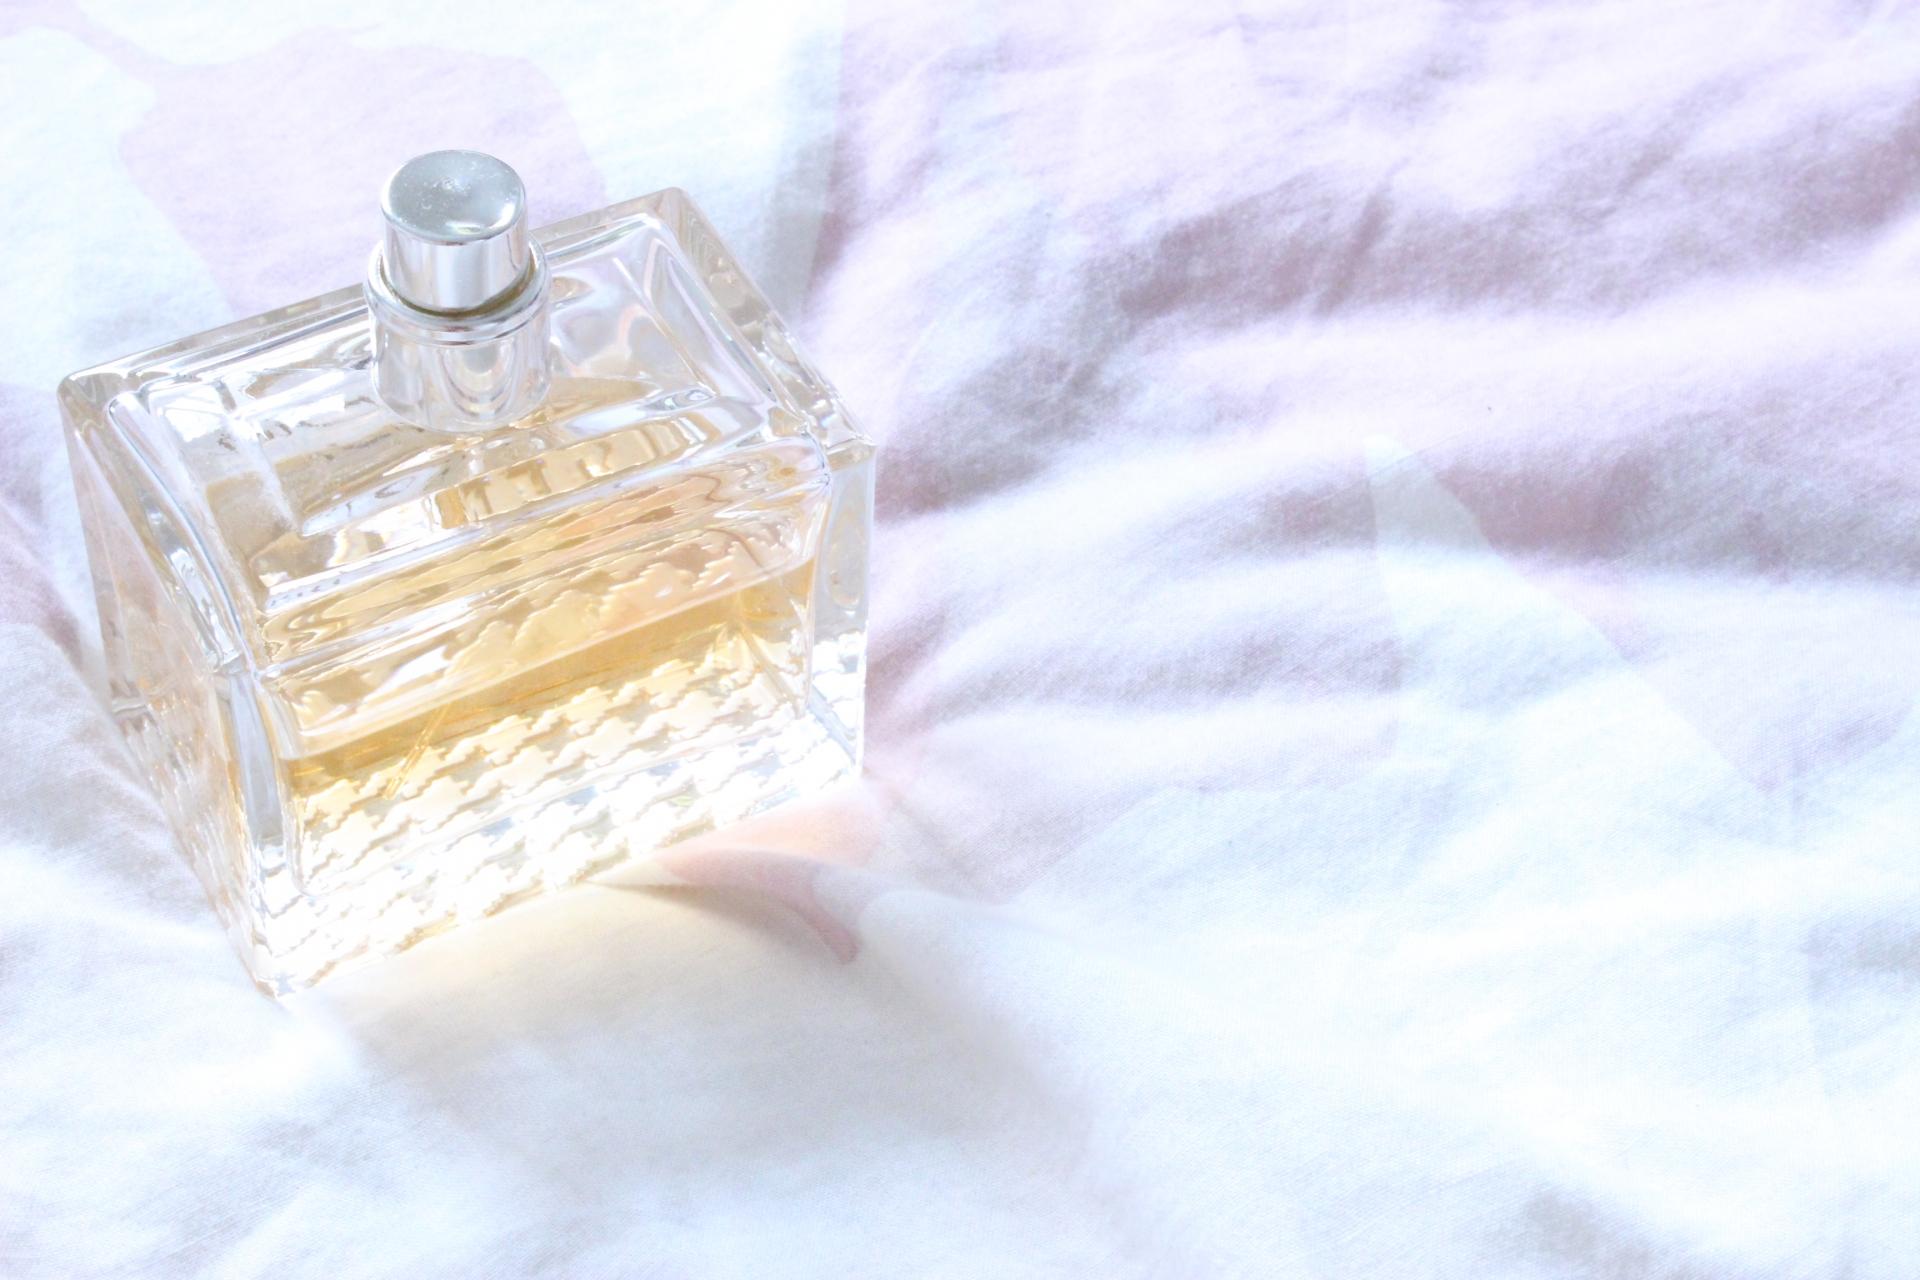 オードトワレのおすすめ9選!フローラルな香りのタイプも